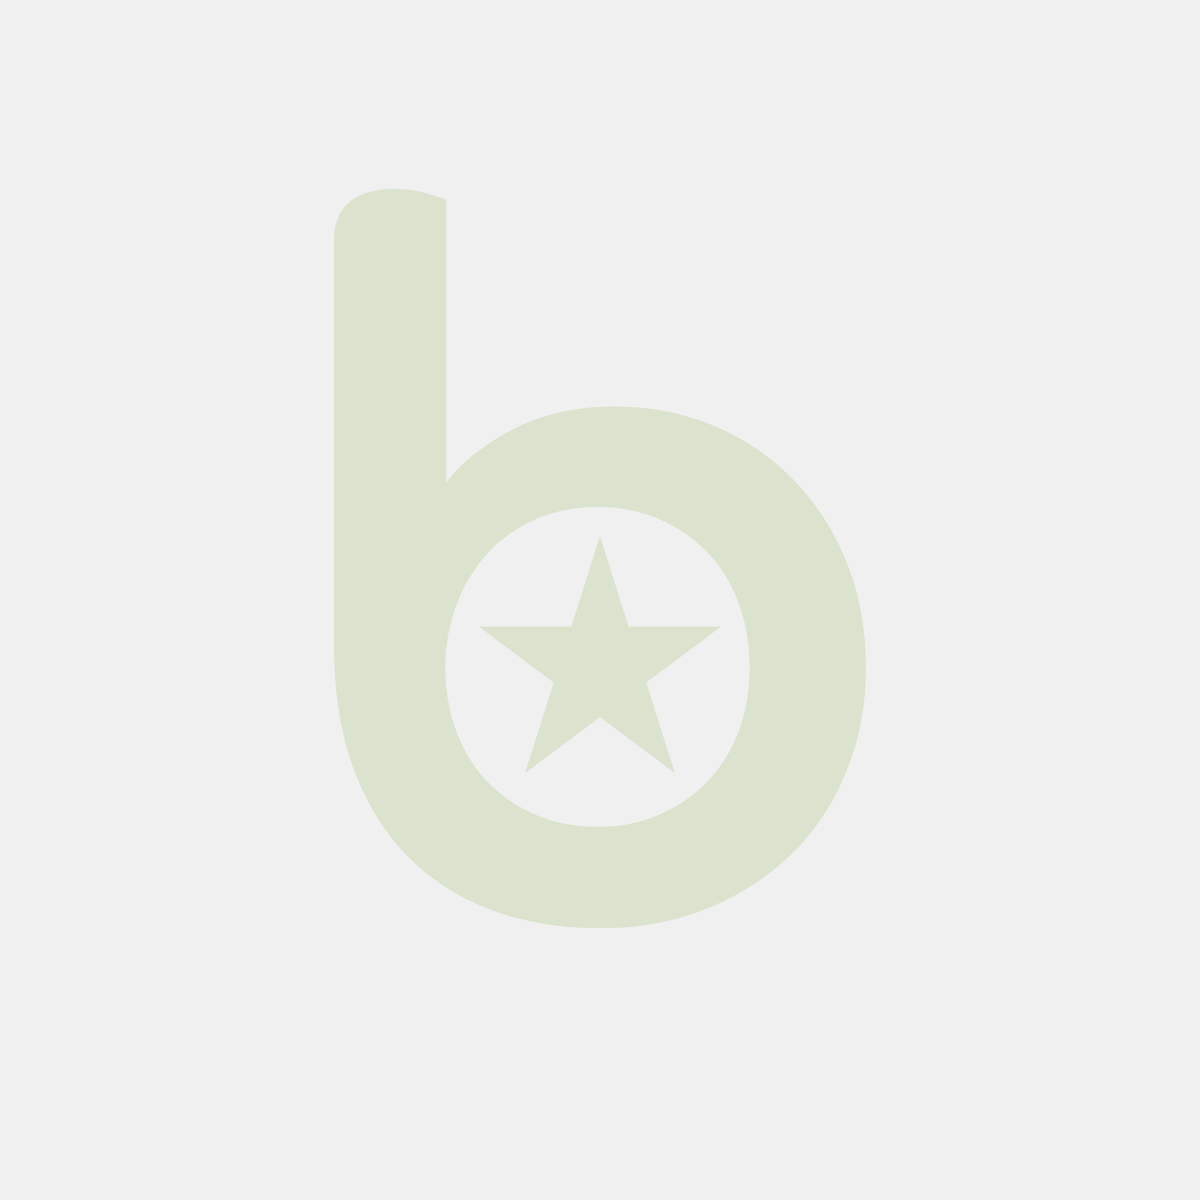 Sznurek jutowy, Jumatex, 2,5dkg, 125mb